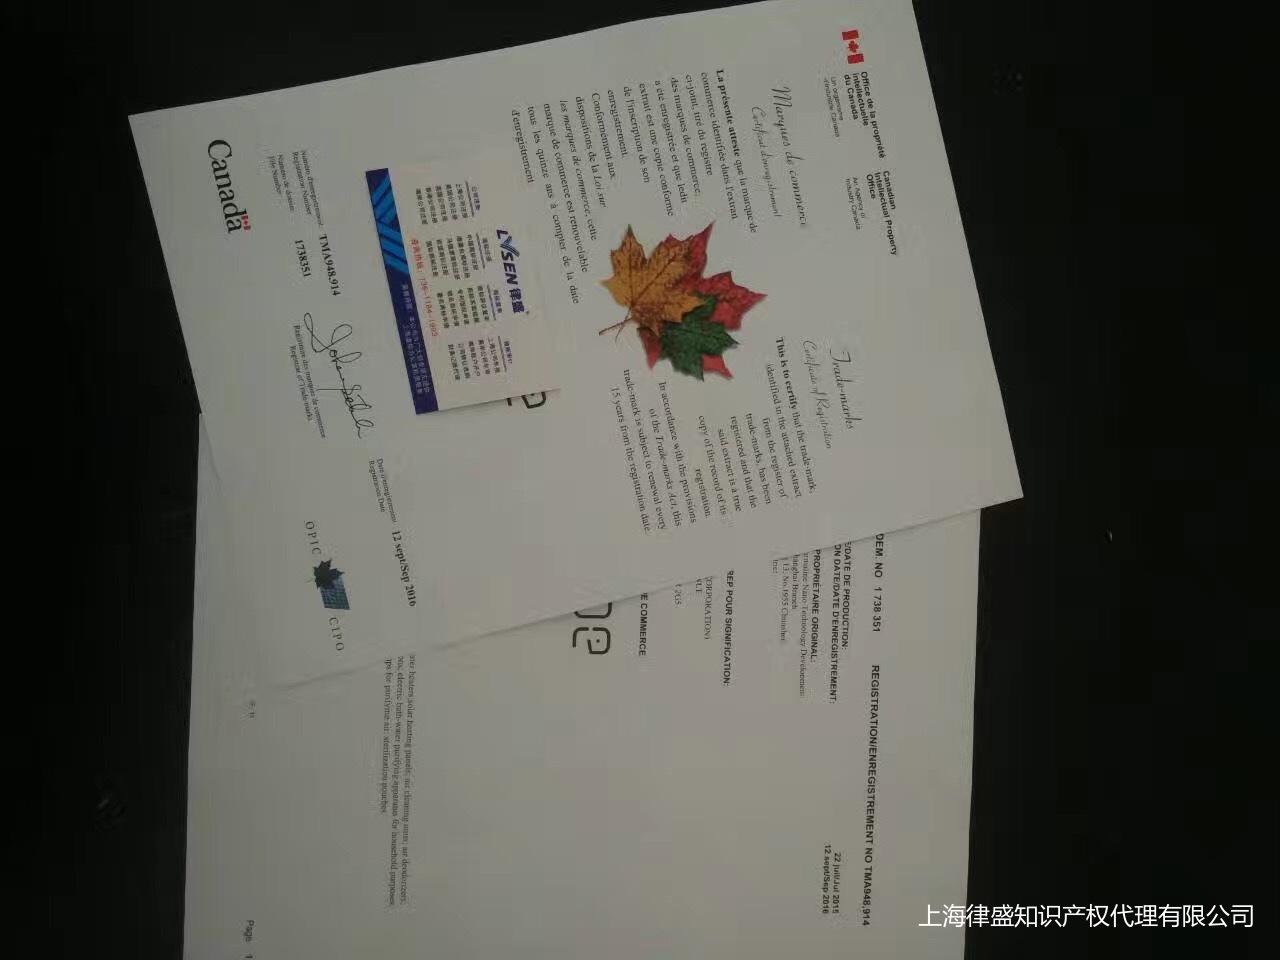 加拿大商标证书.JPG